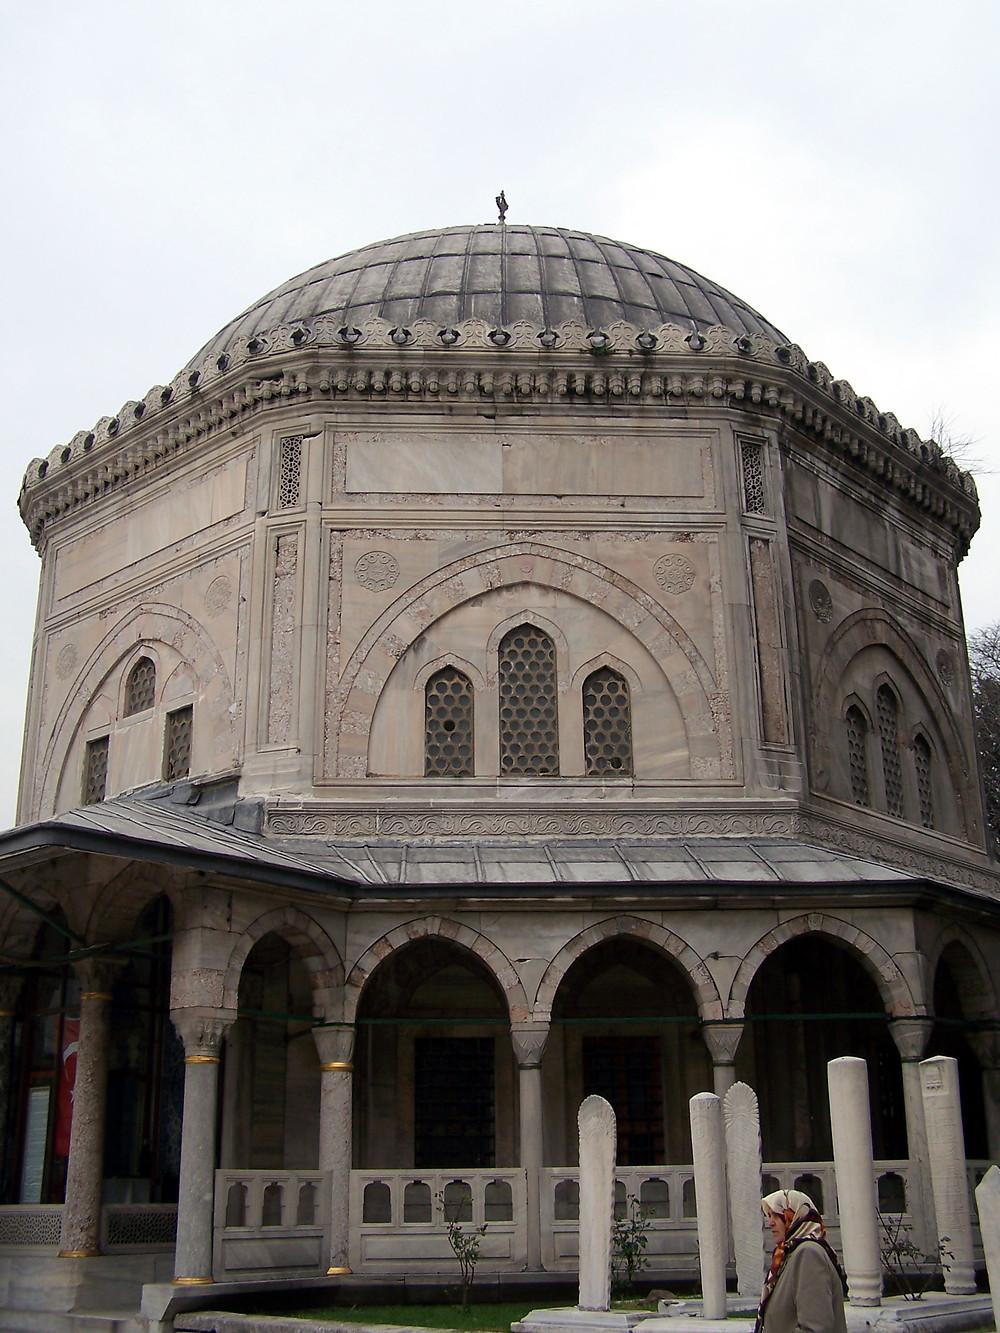 Suleiman's tomb